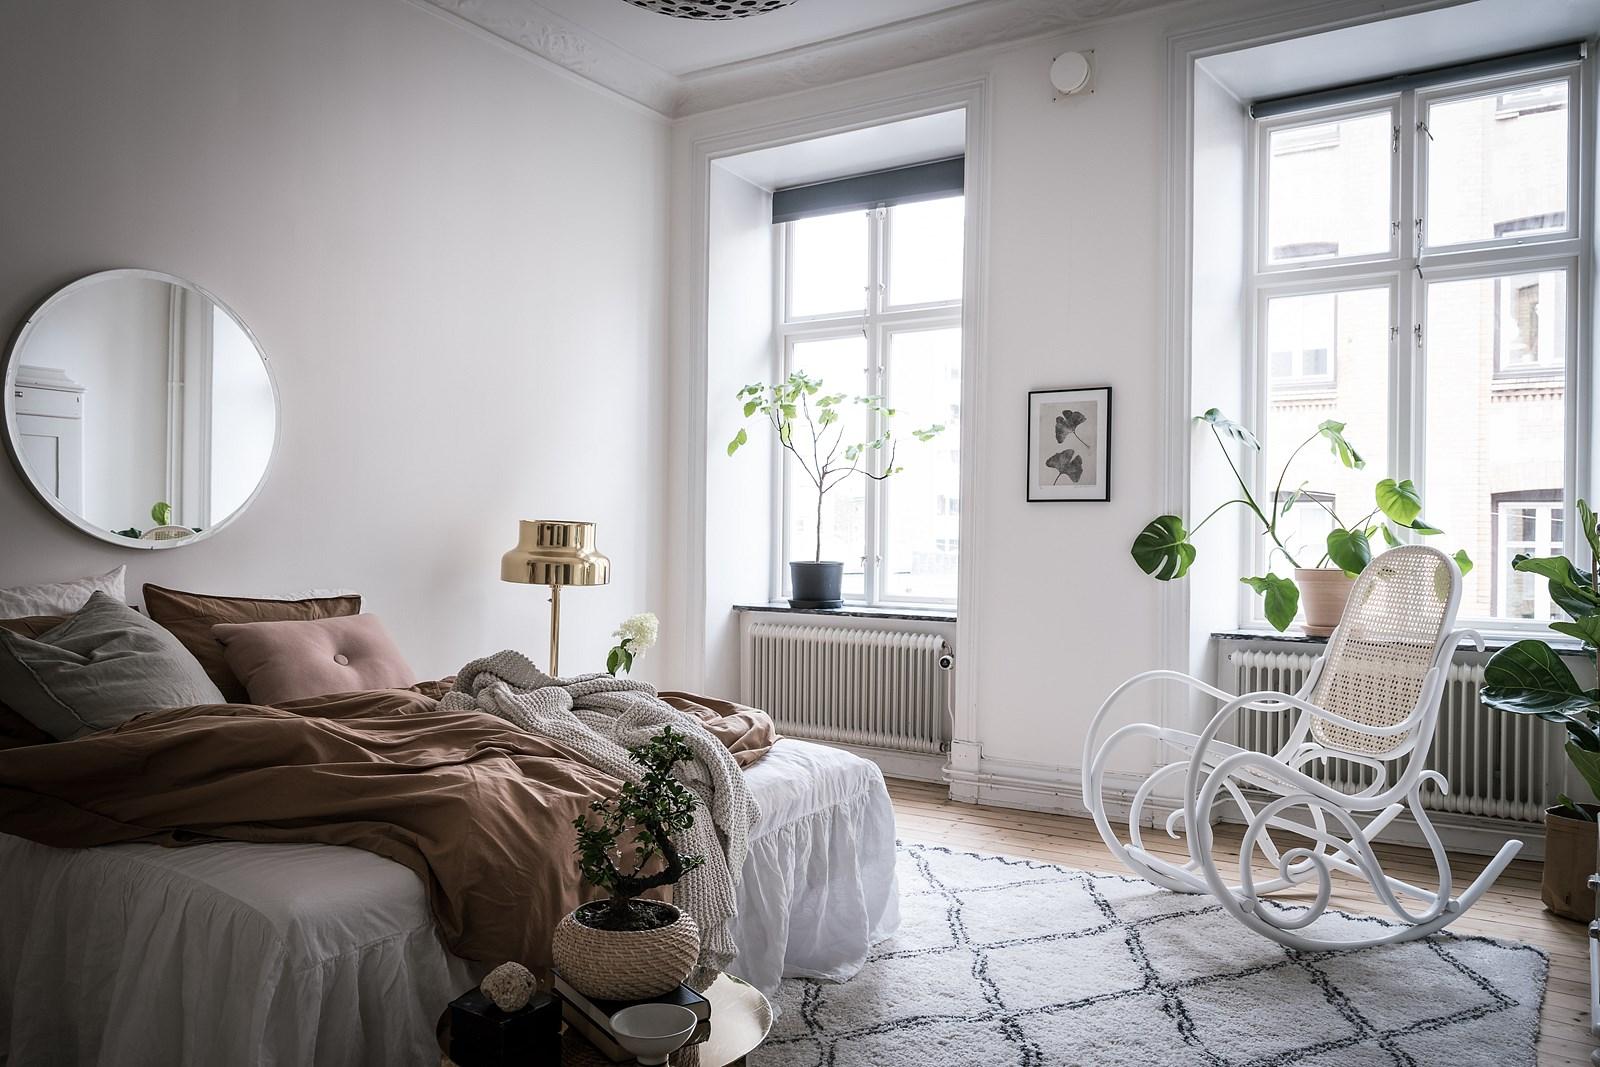 кровать спальня окна